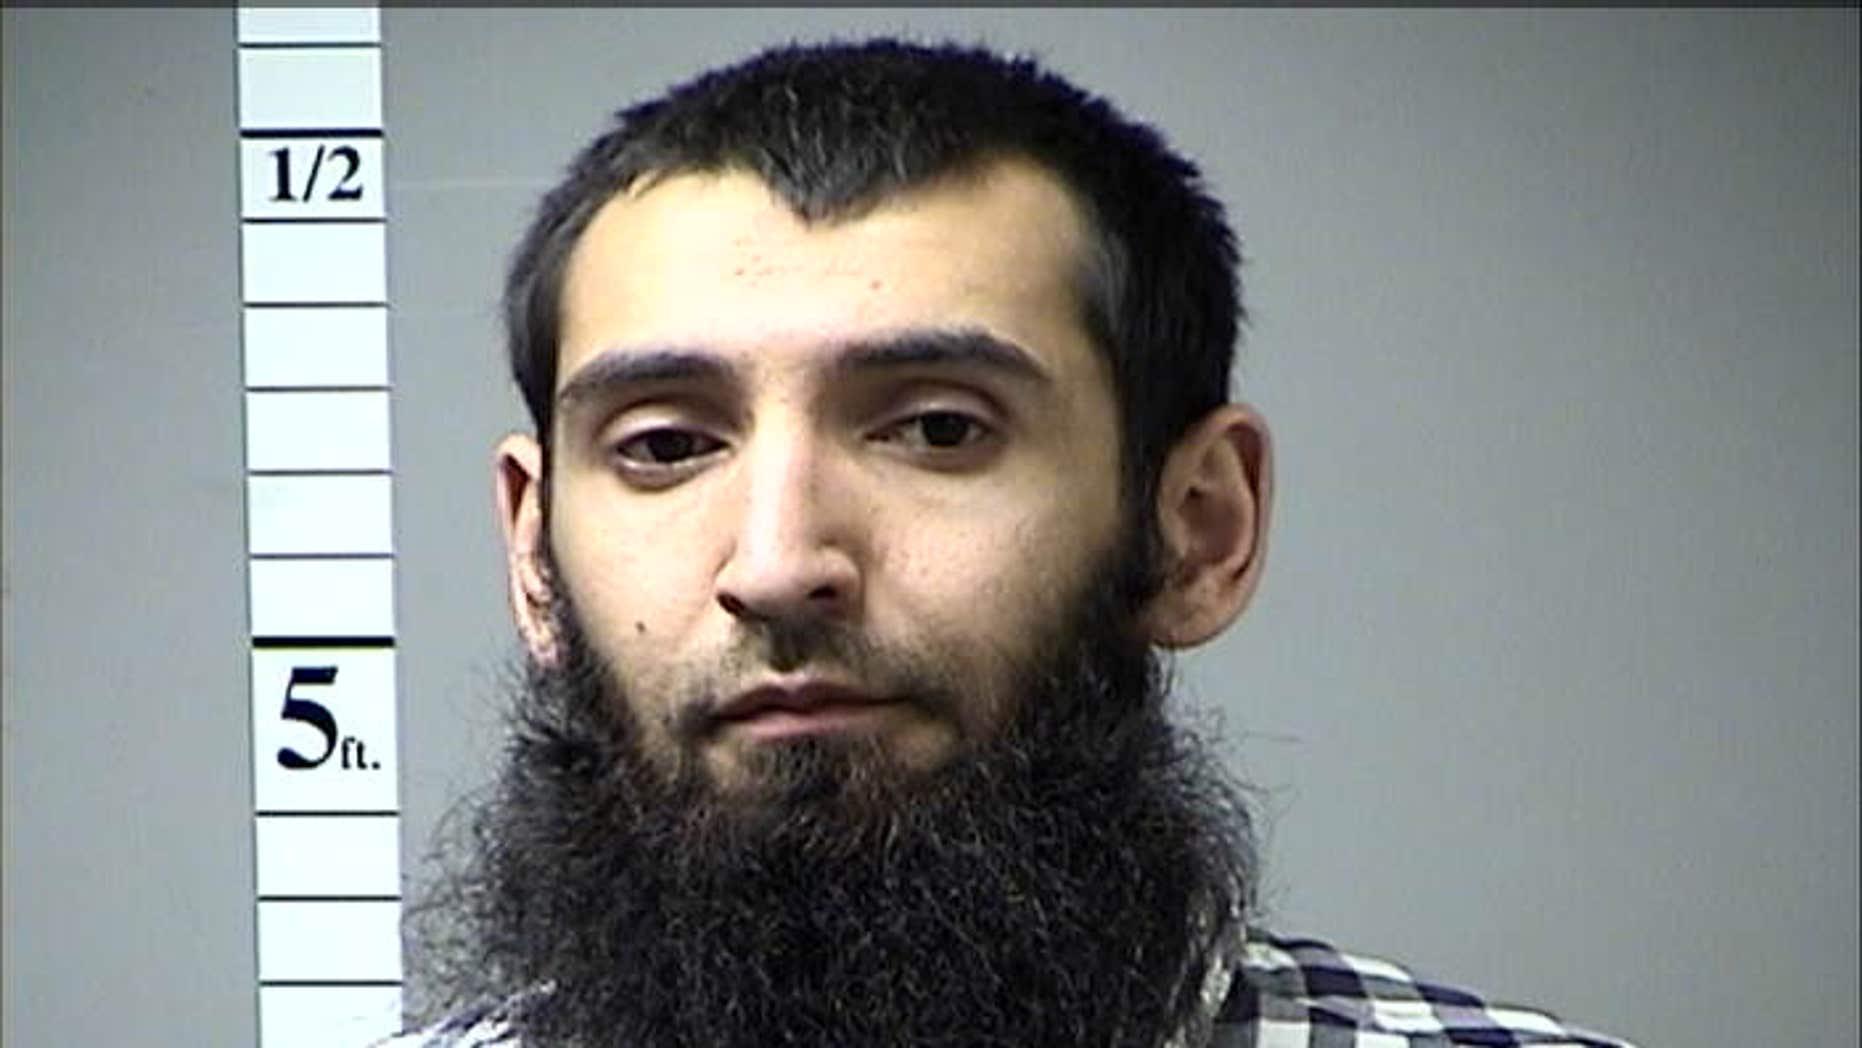 29-year-old terror suspect Sayfullo Saipov